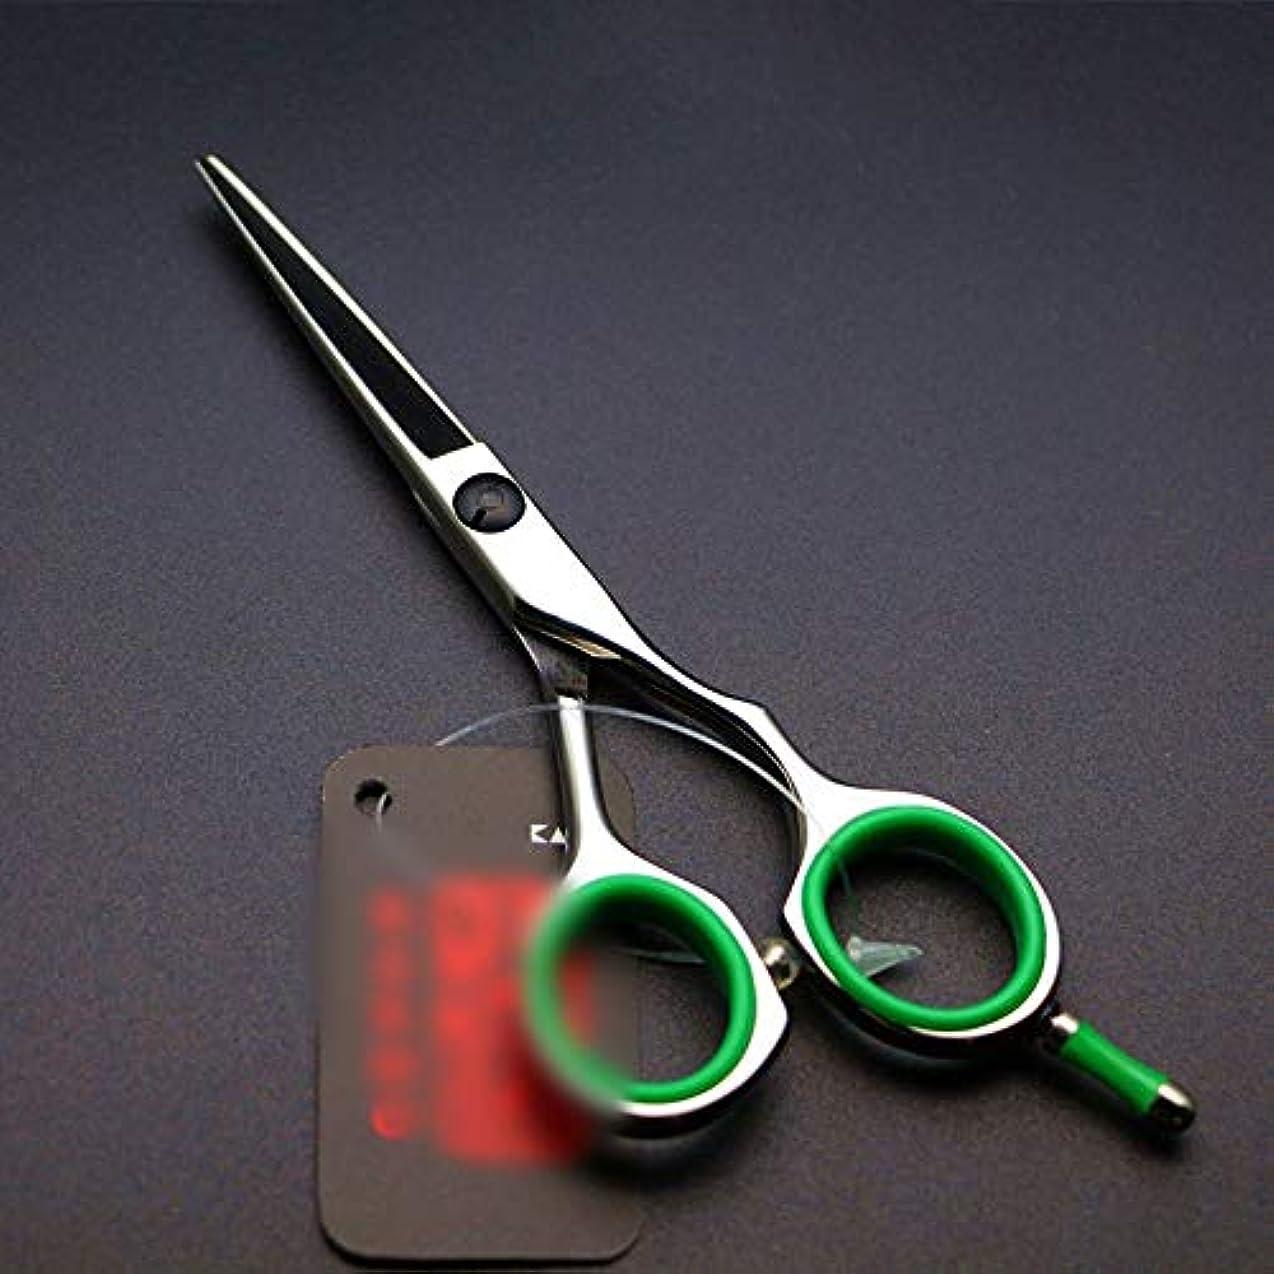 欲望勇者幹理髪用はさみ 5インチの小さなはさみ理髪はさみ、ストレートグリーンハンドペイントはさみ髪カット鋏ステンレス理髪はさみ (色 : オレンジ)